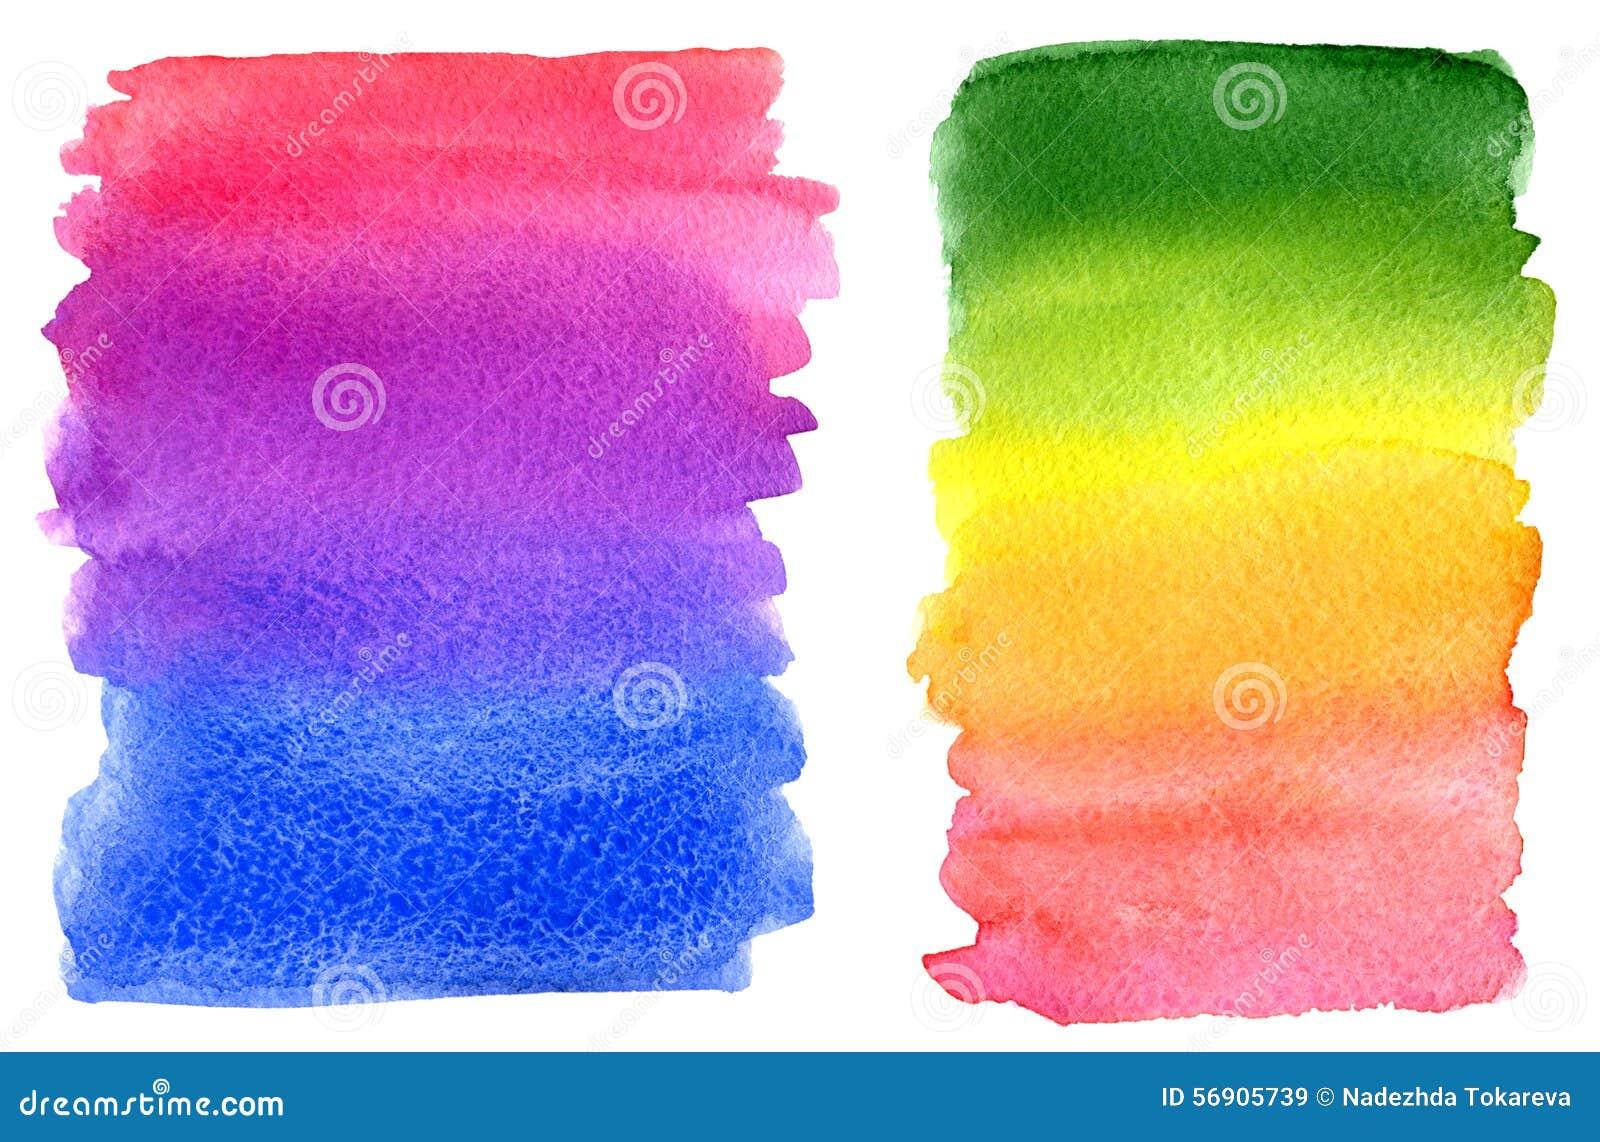 Ζωηρόχρωμοι λεκέδες χρωμάτων ουράνιων τόξων Watercolor